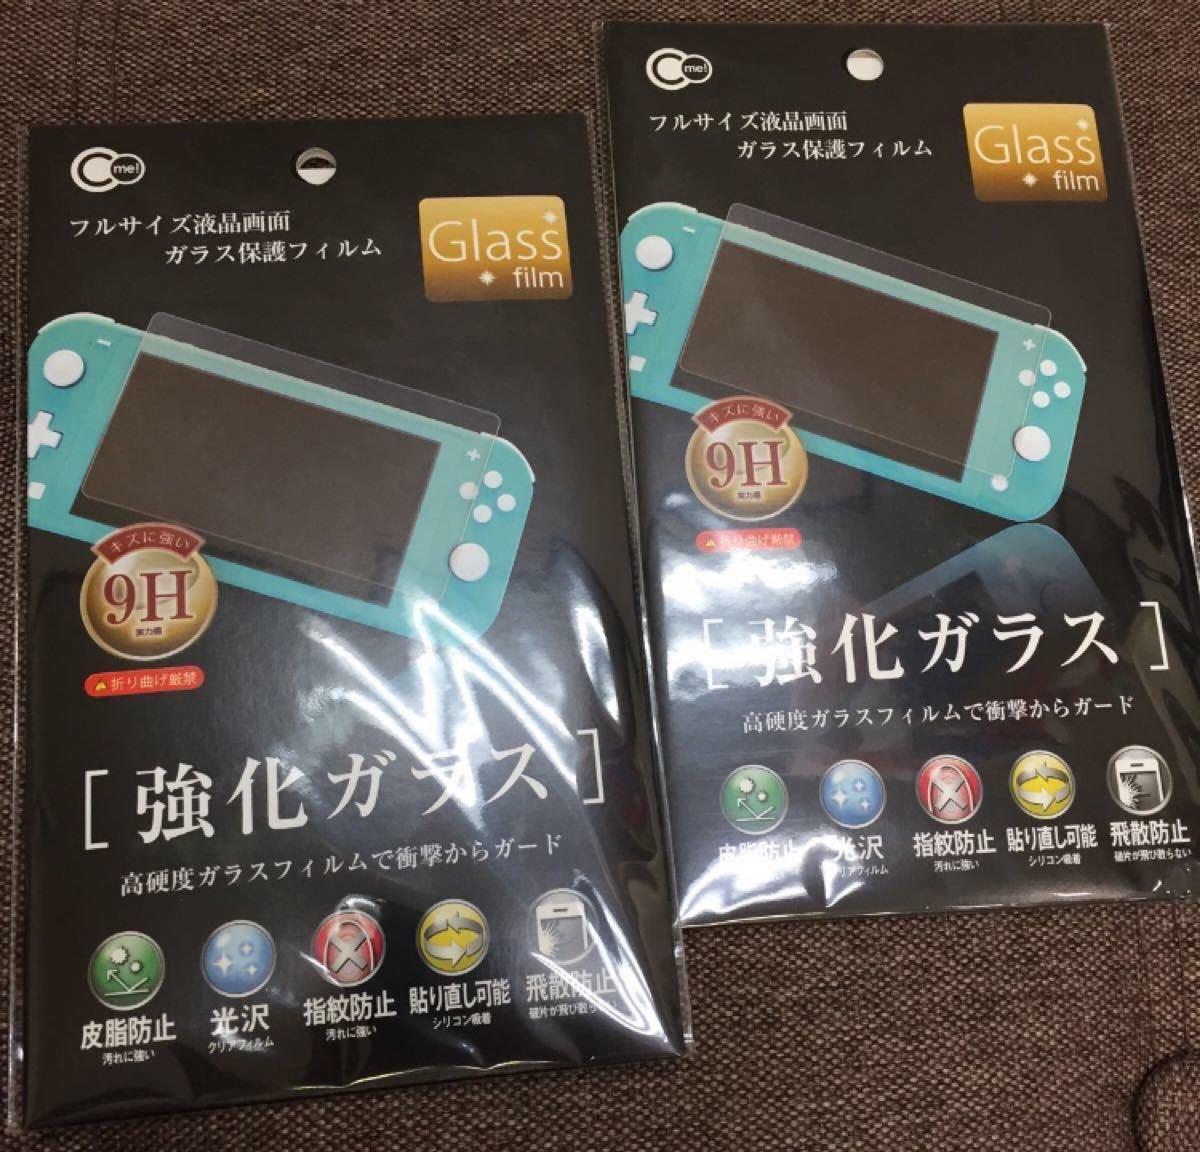 任天堂 Nintendo スイッチ ライト  液晶保護フィルム 2枚セット ダイソー セリア キャンドゥ